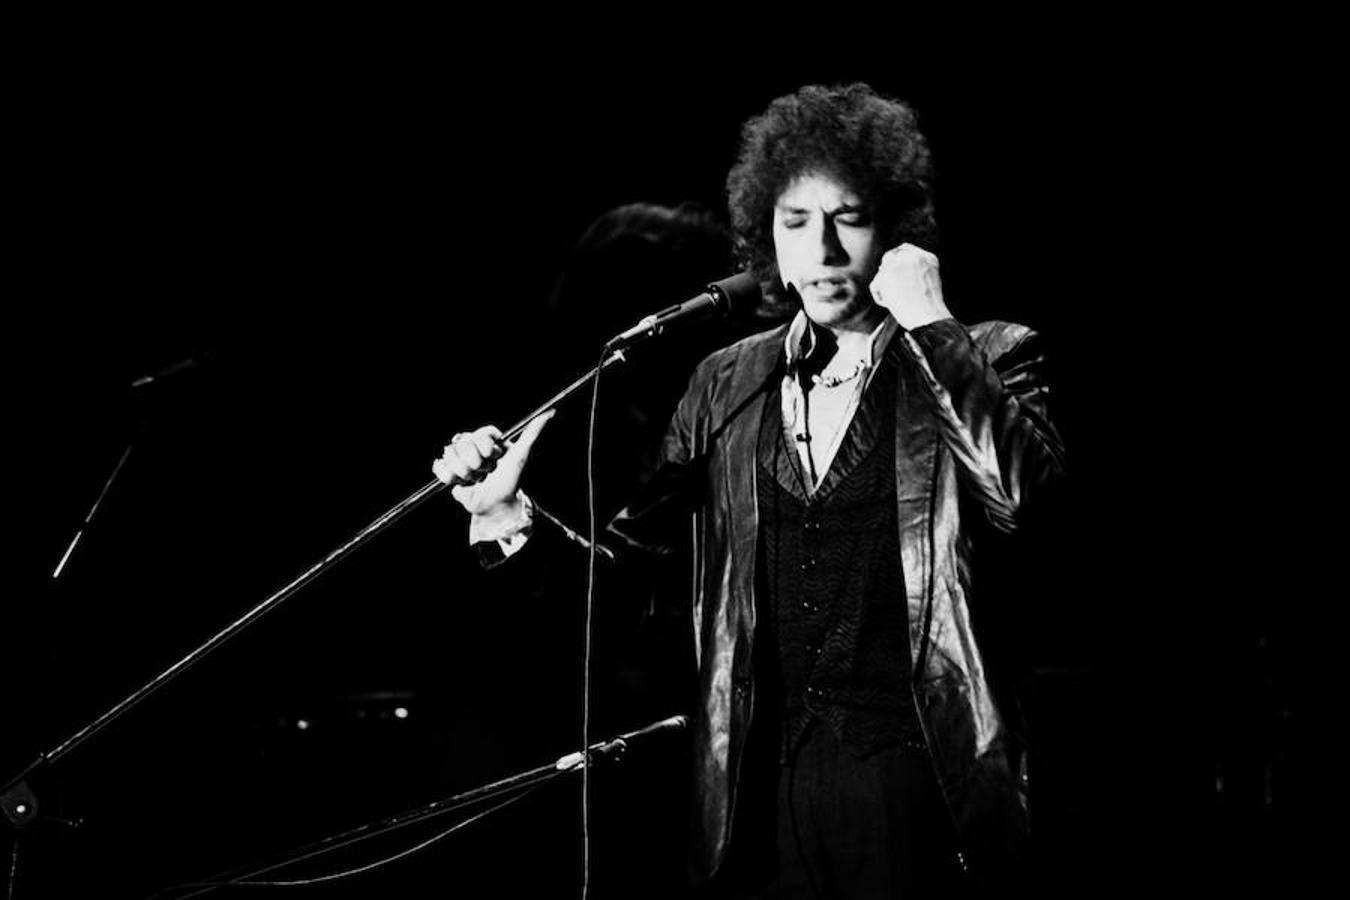 Bob Dylan, Premio Nobel de Literatura 2016, durante un concierto en París en el año 1978